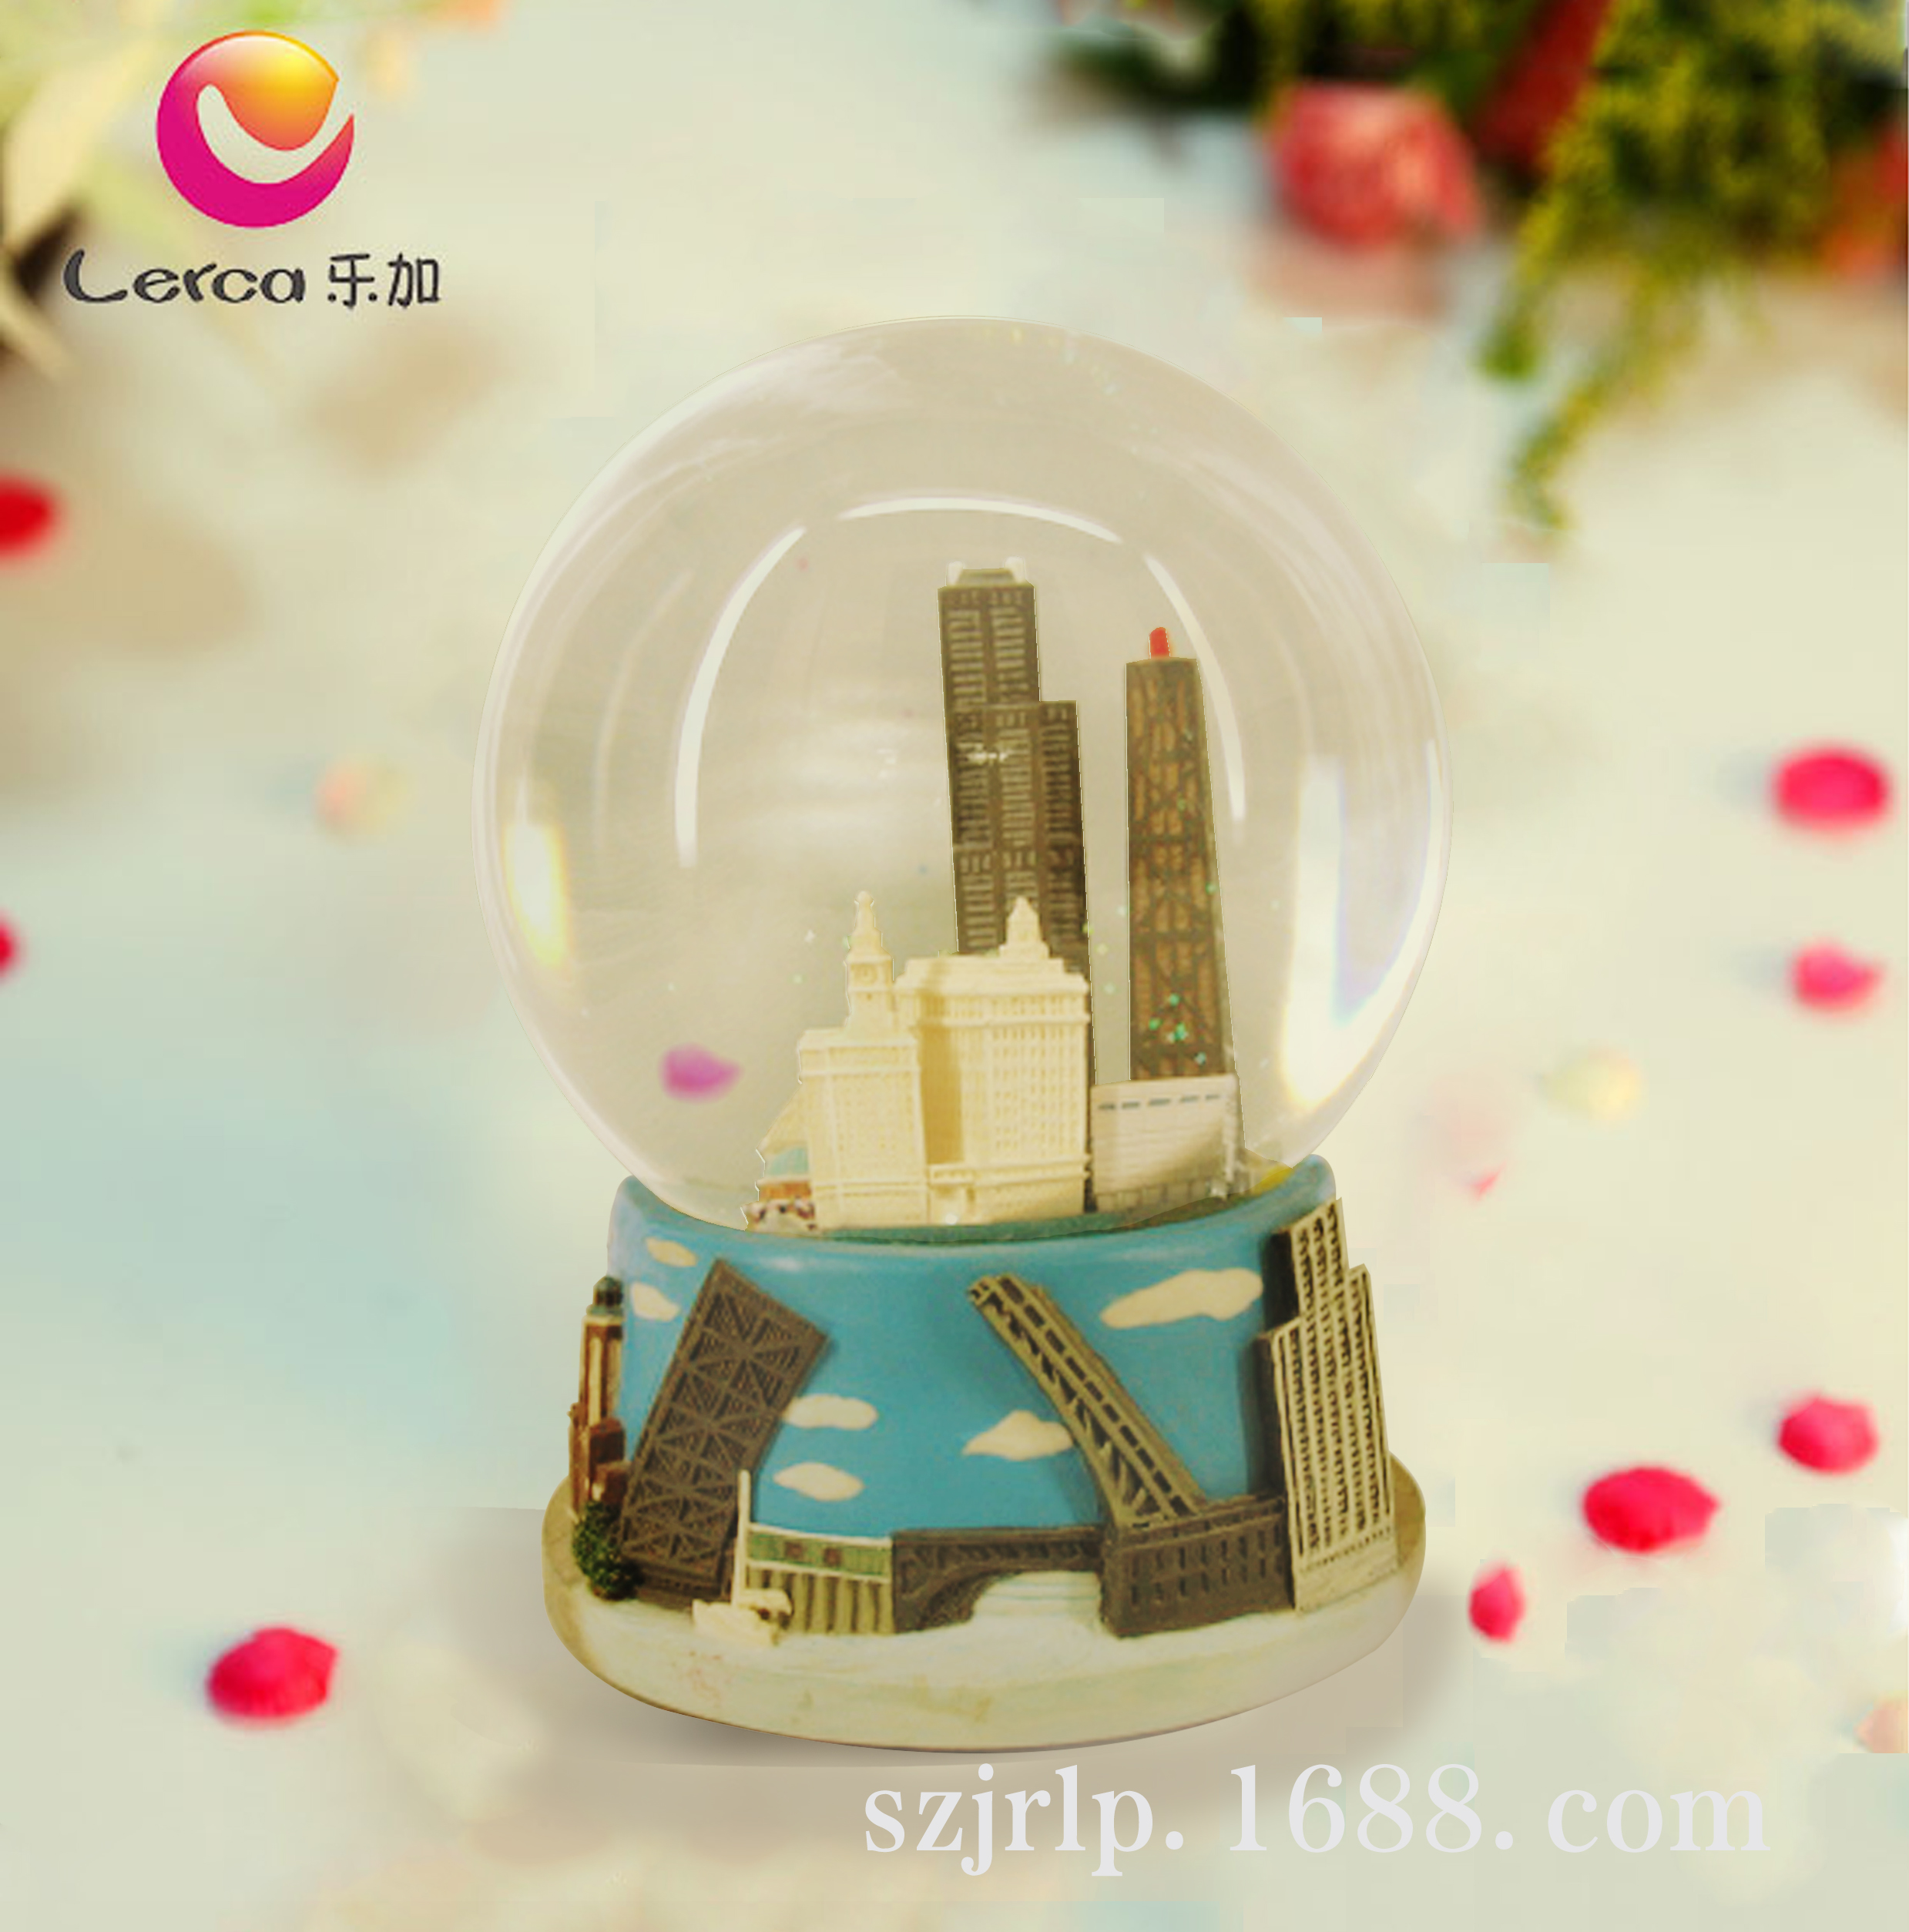 乐加欧式建筑纪念品水晶球音乐盒